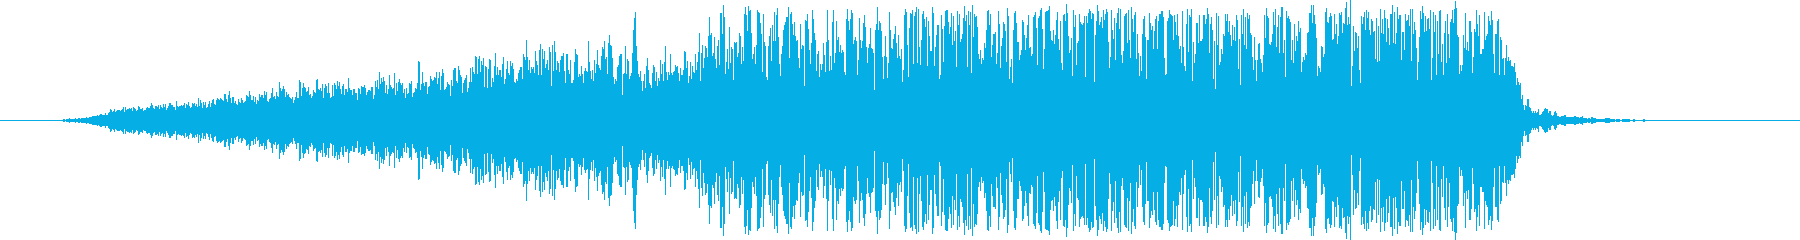 宇宙機または船:パワーダウンの再生済みの波形